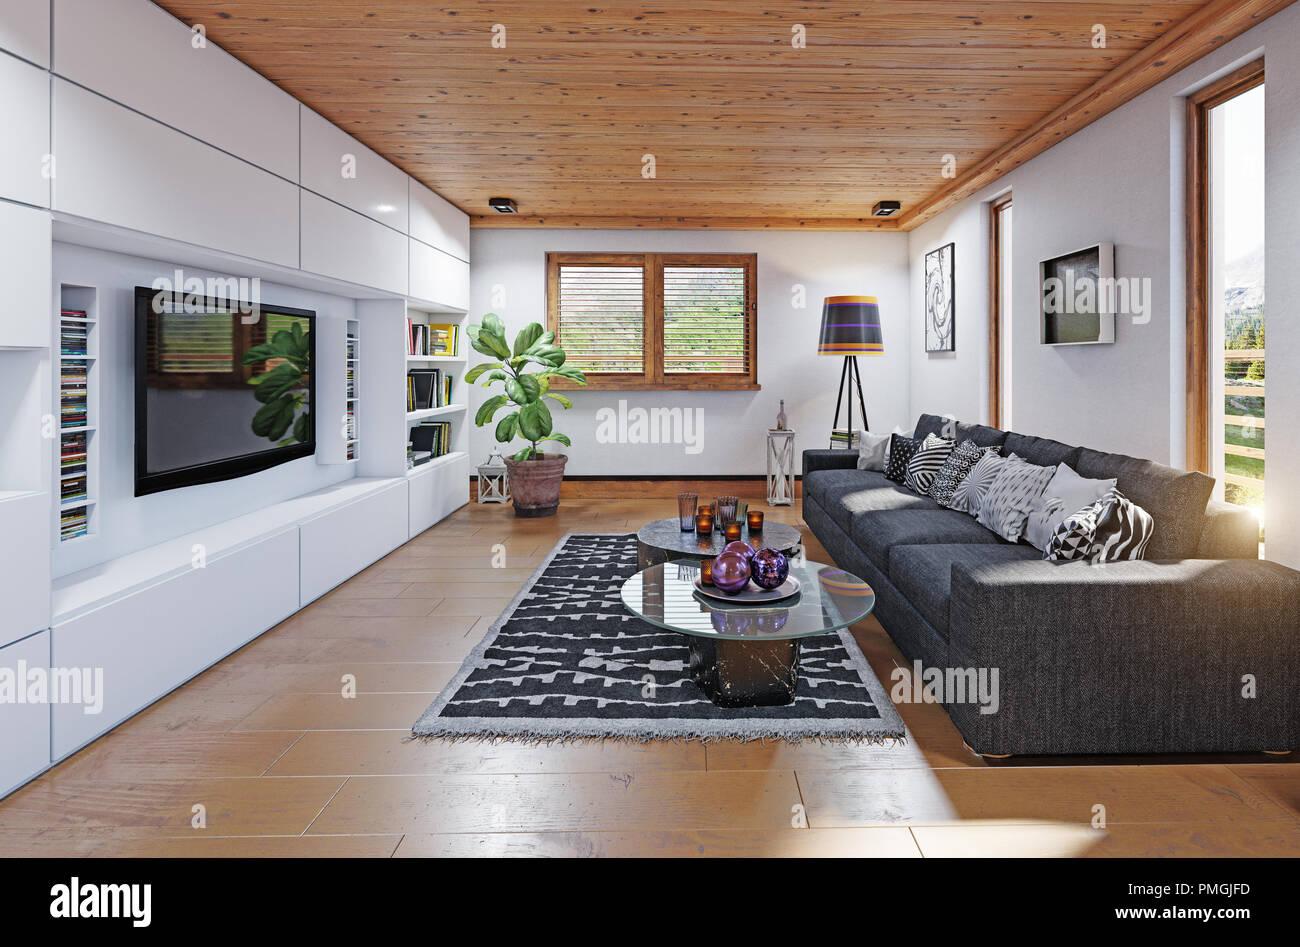 Modernes Haus Wohnbereich Interieur 3d Rendering Design Konzept